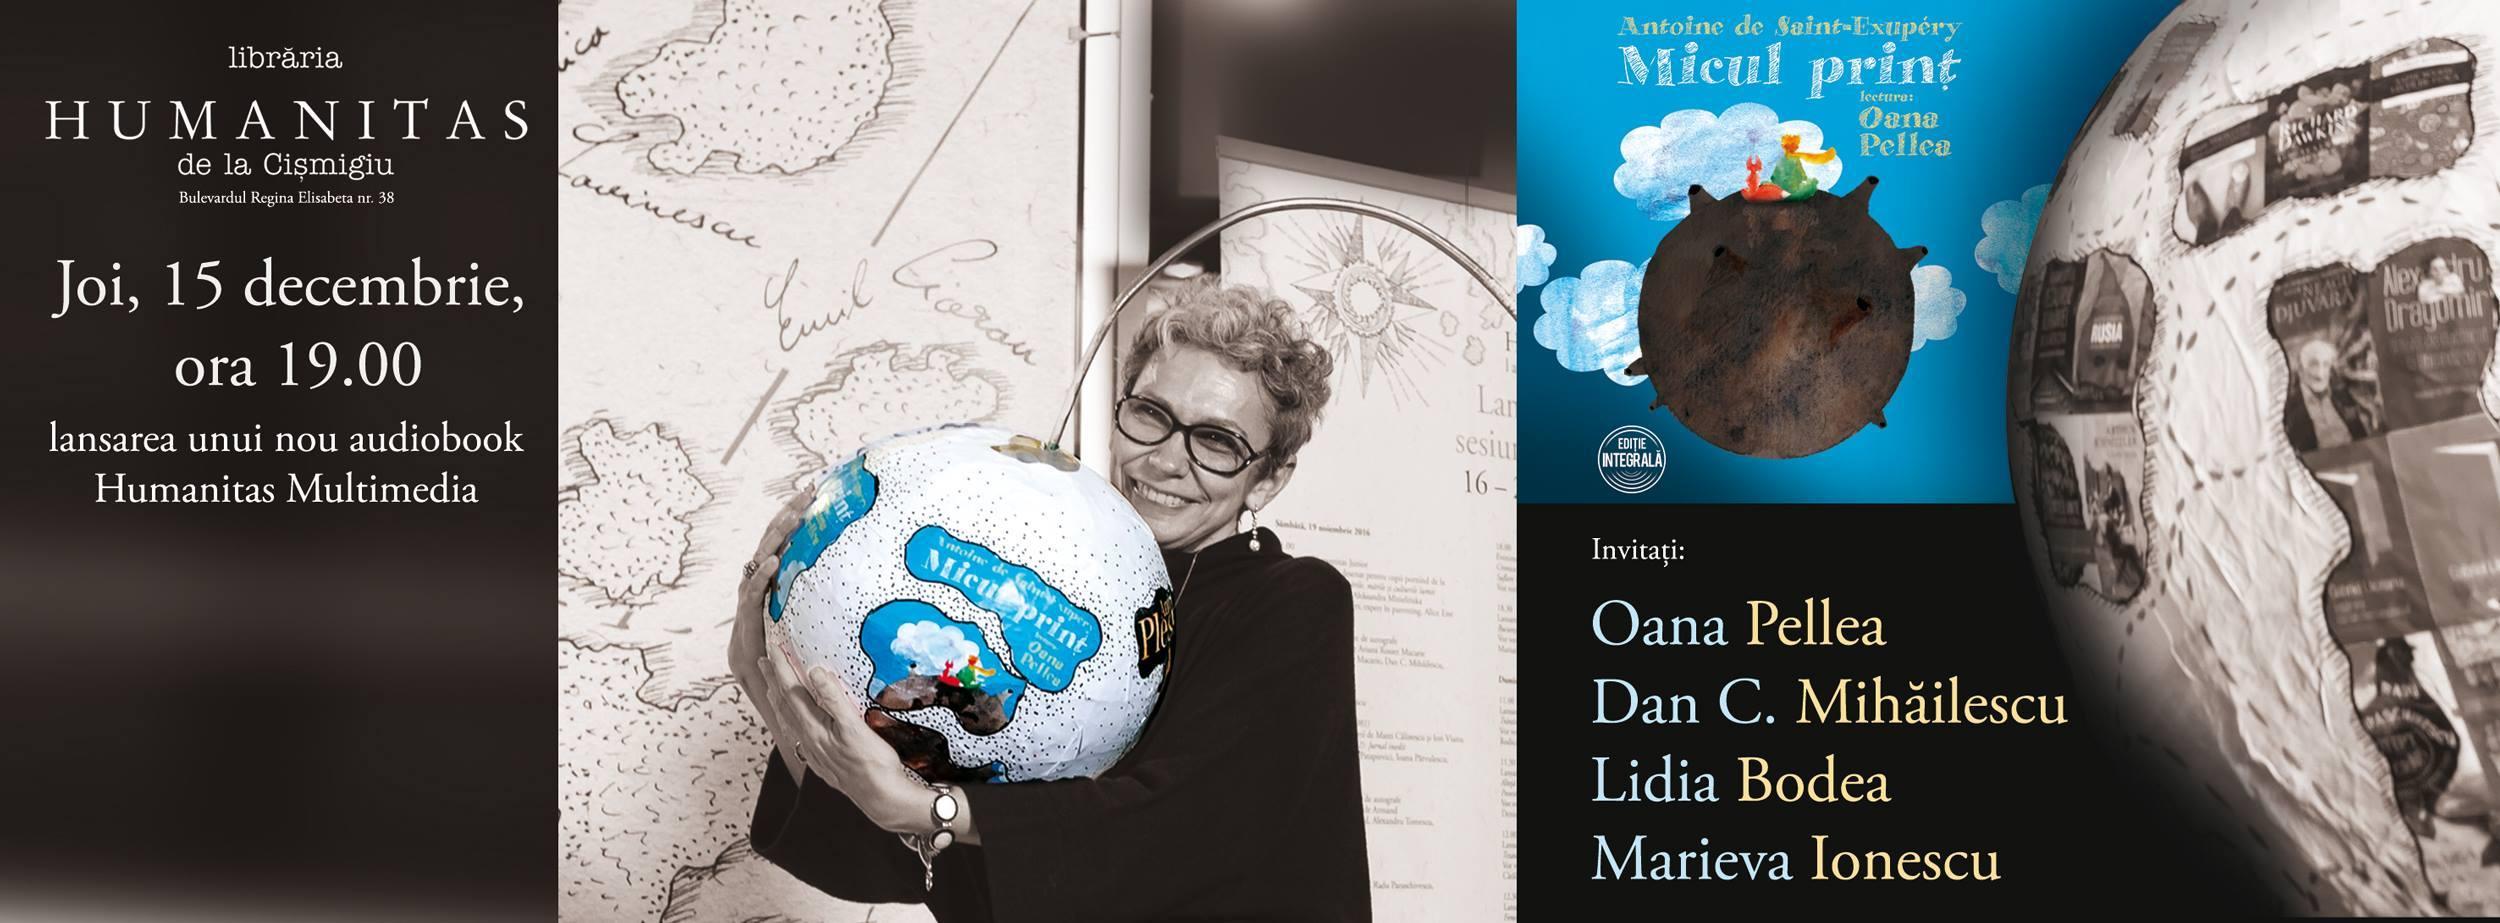 Micul Prinț în lectura Oanei Pellea. Lansare de audiobook